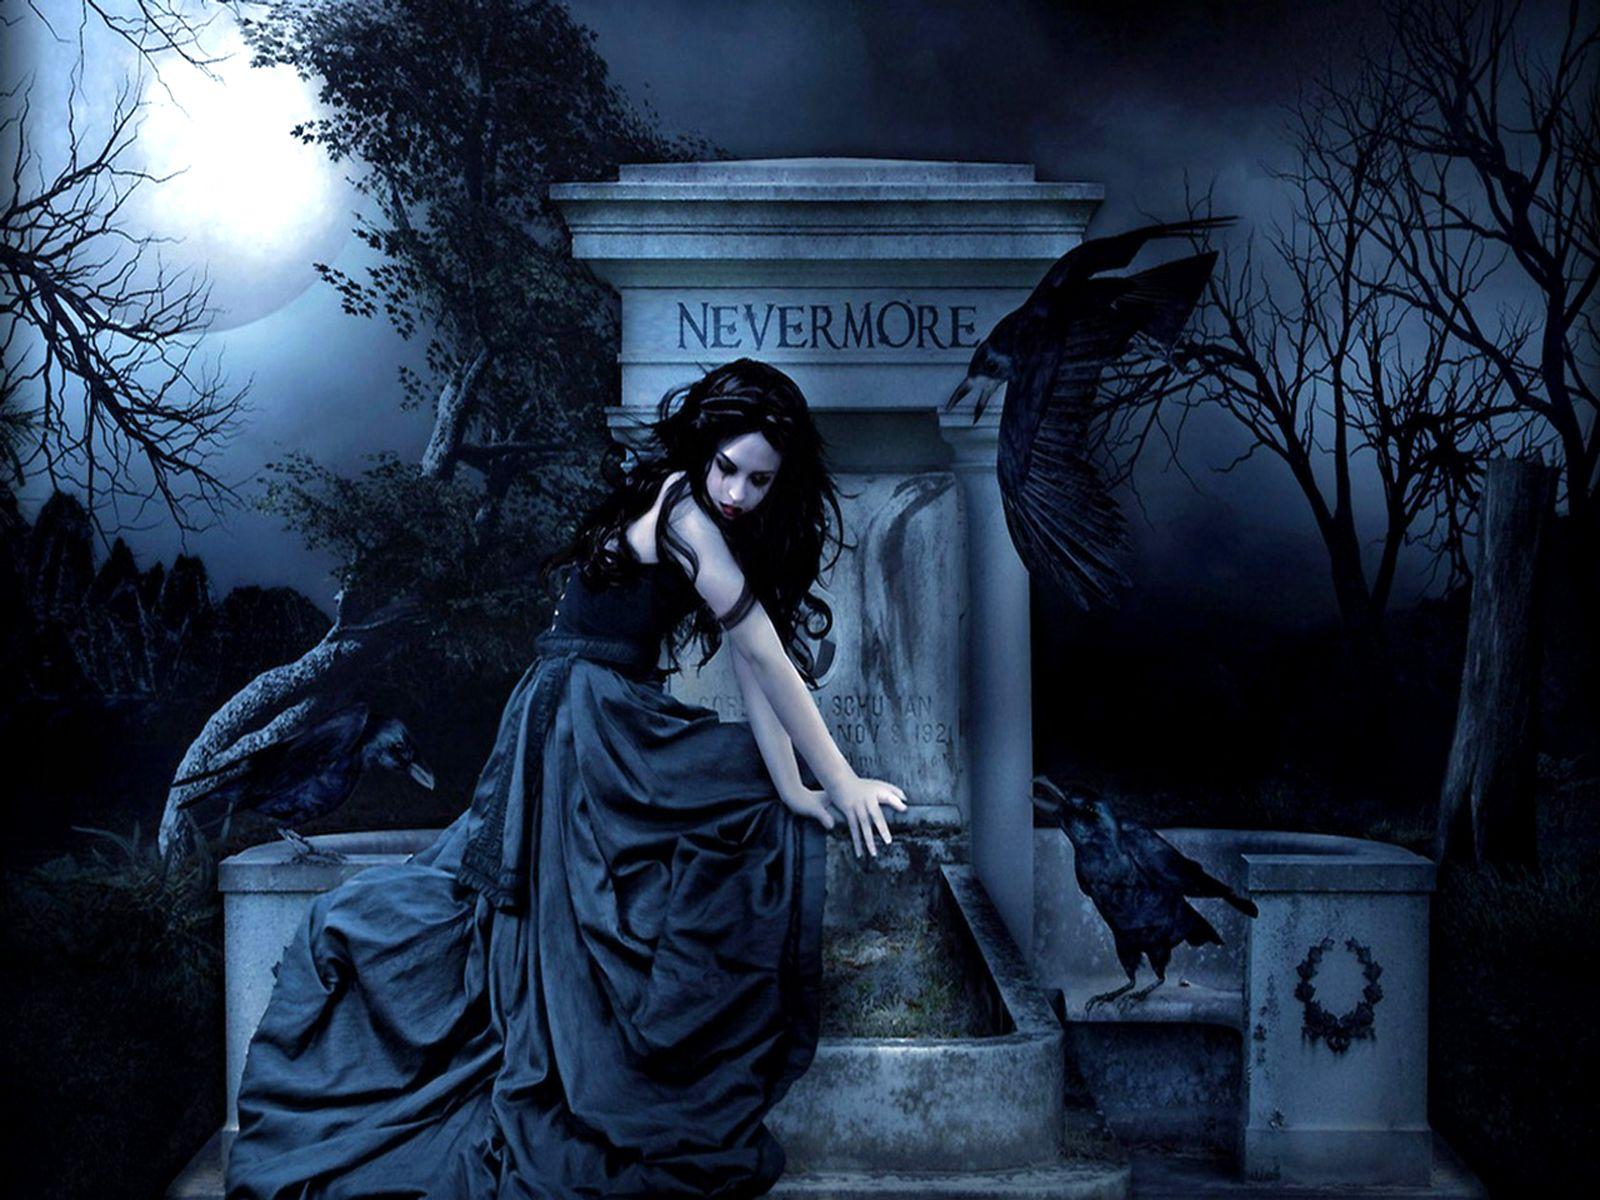 Dark Fantasy Gothic Gothic women dark fantasy poe raven